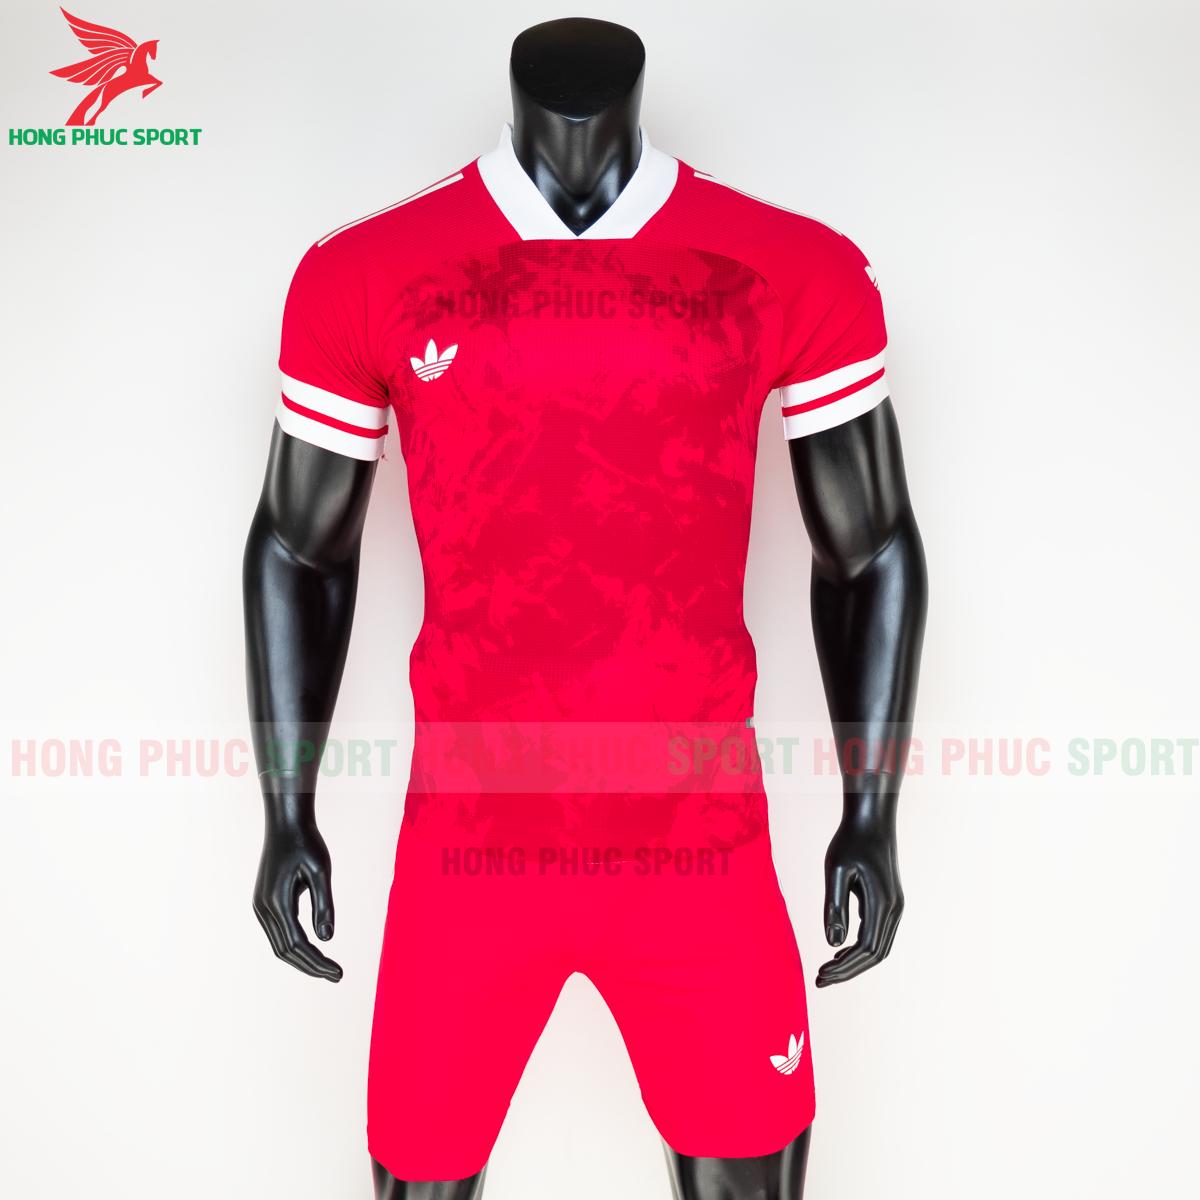 Áo đá banh không logo Condivo ba lá Adidas 2020 2021 mẫu 4 (trước)